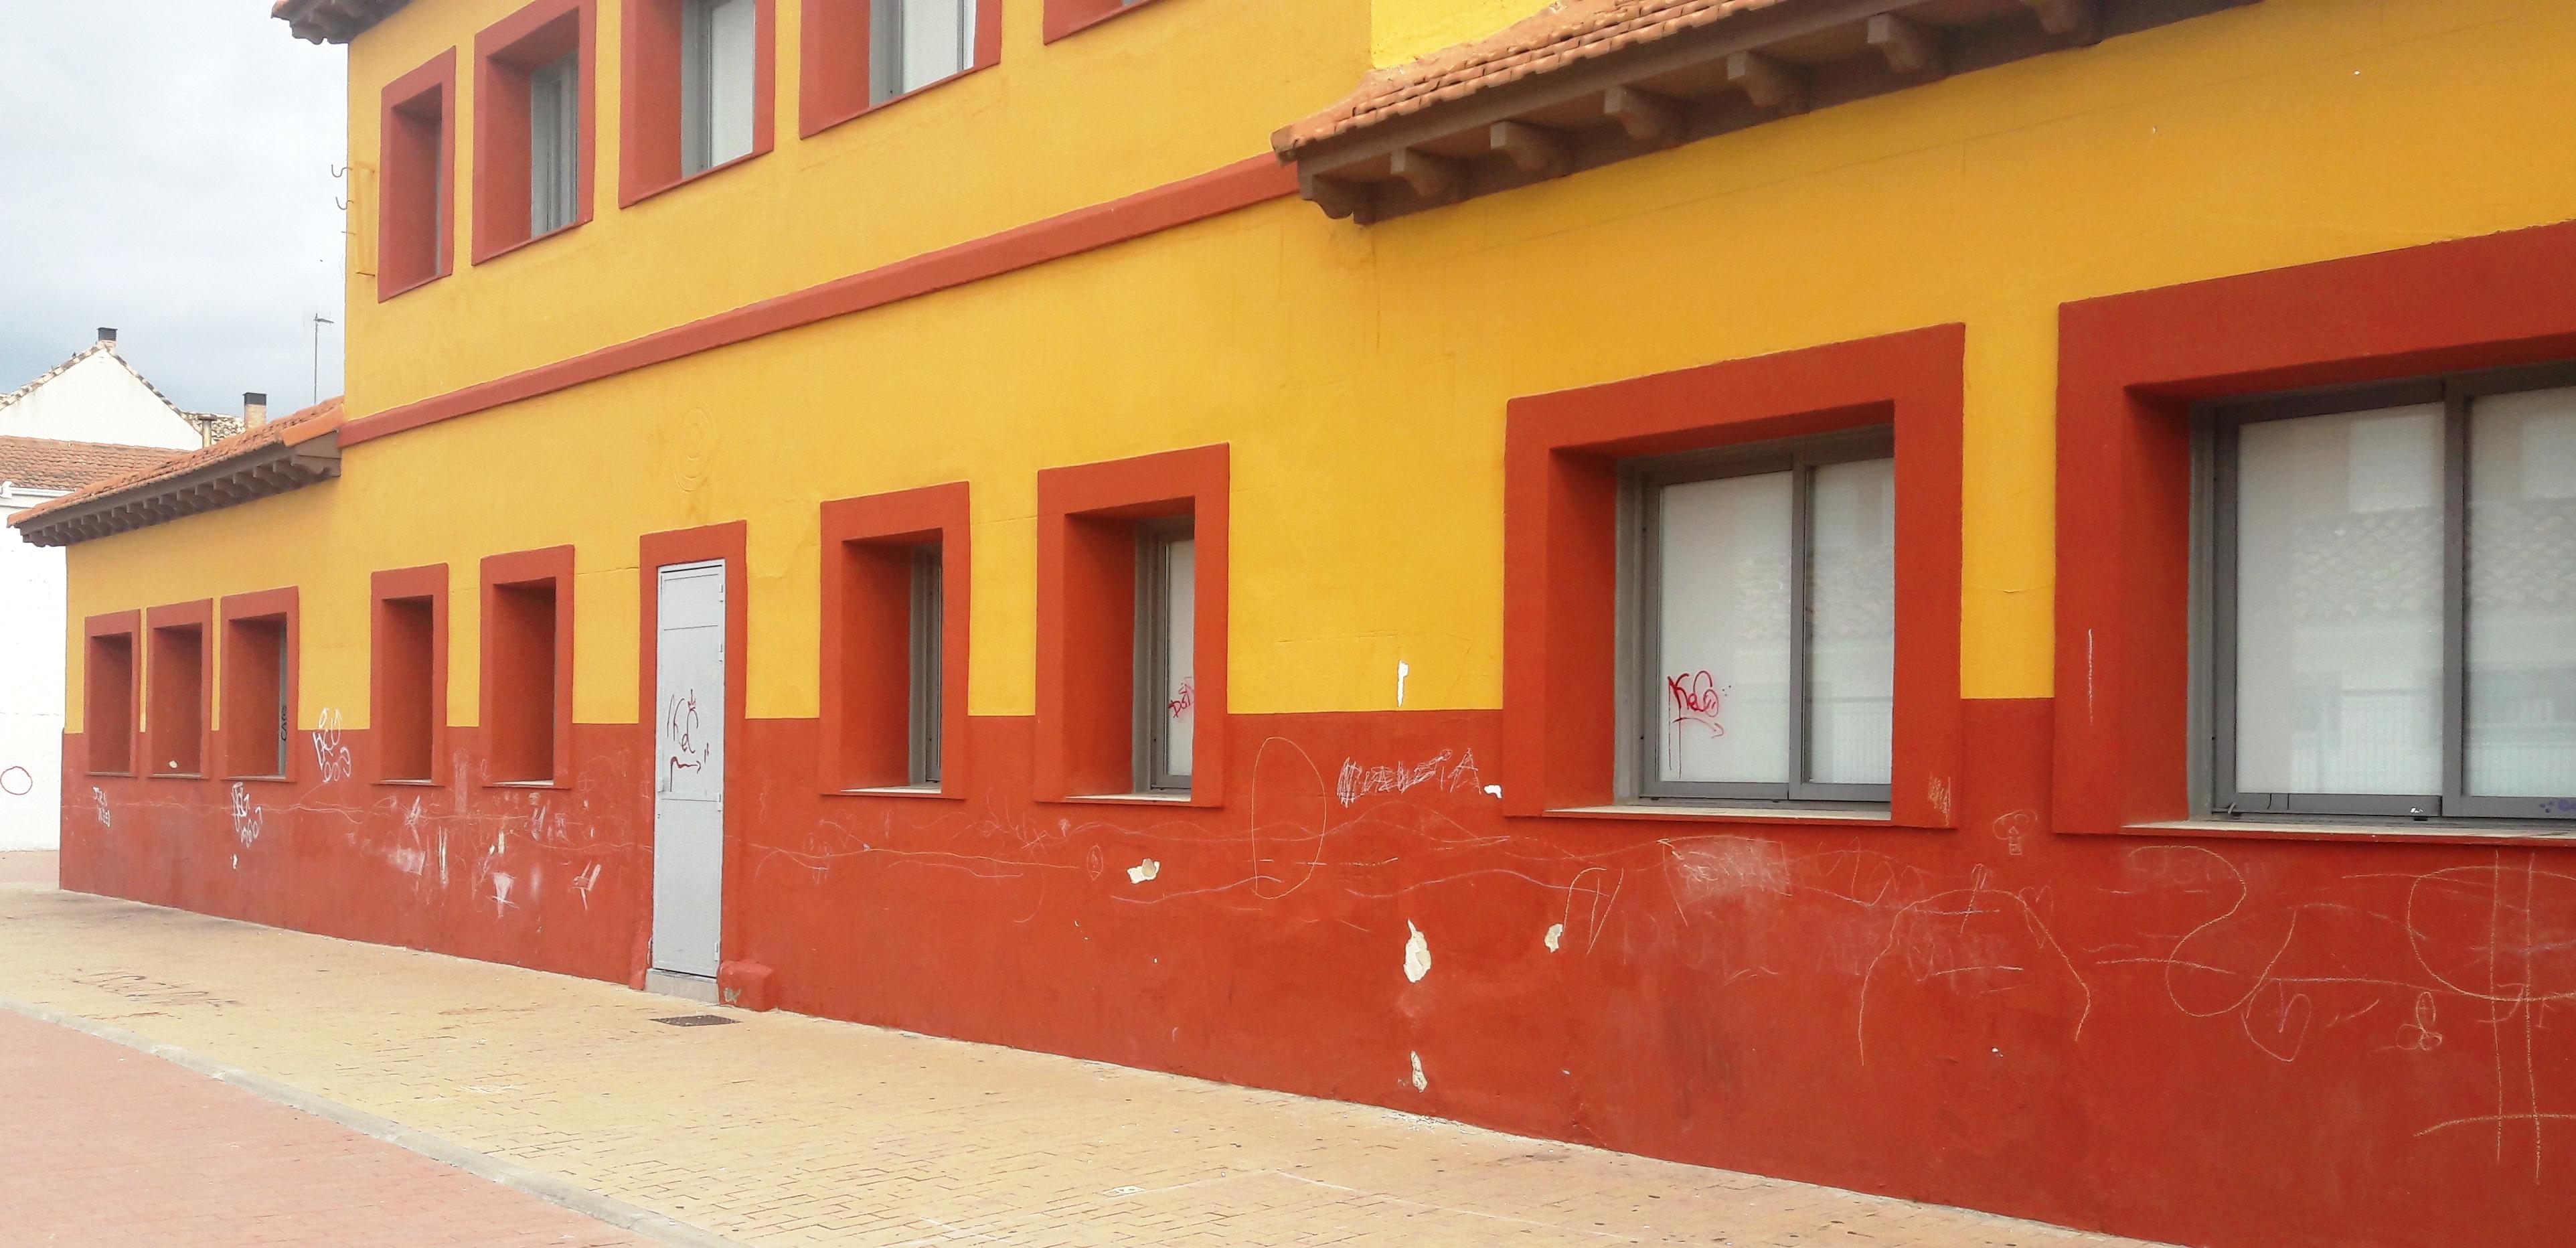 Pintadas en la fachada de la Sala de Exposiciones Adolfo Suárez